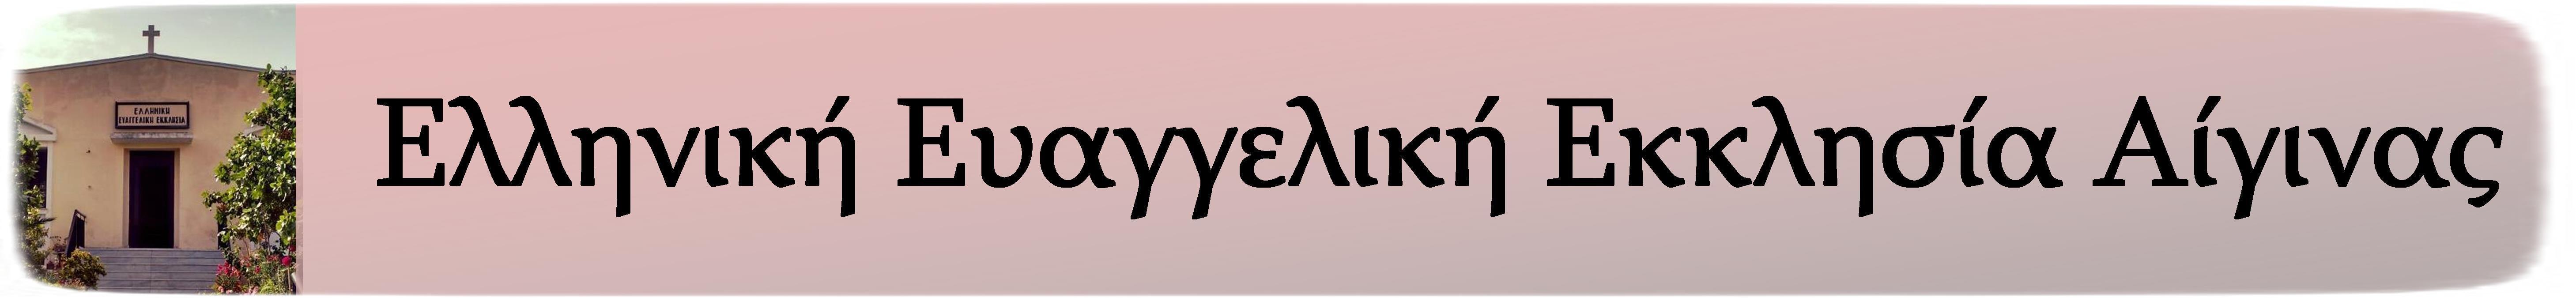 Ελληνική Ευαγγελική Εκκλησία Αίγινας Logo